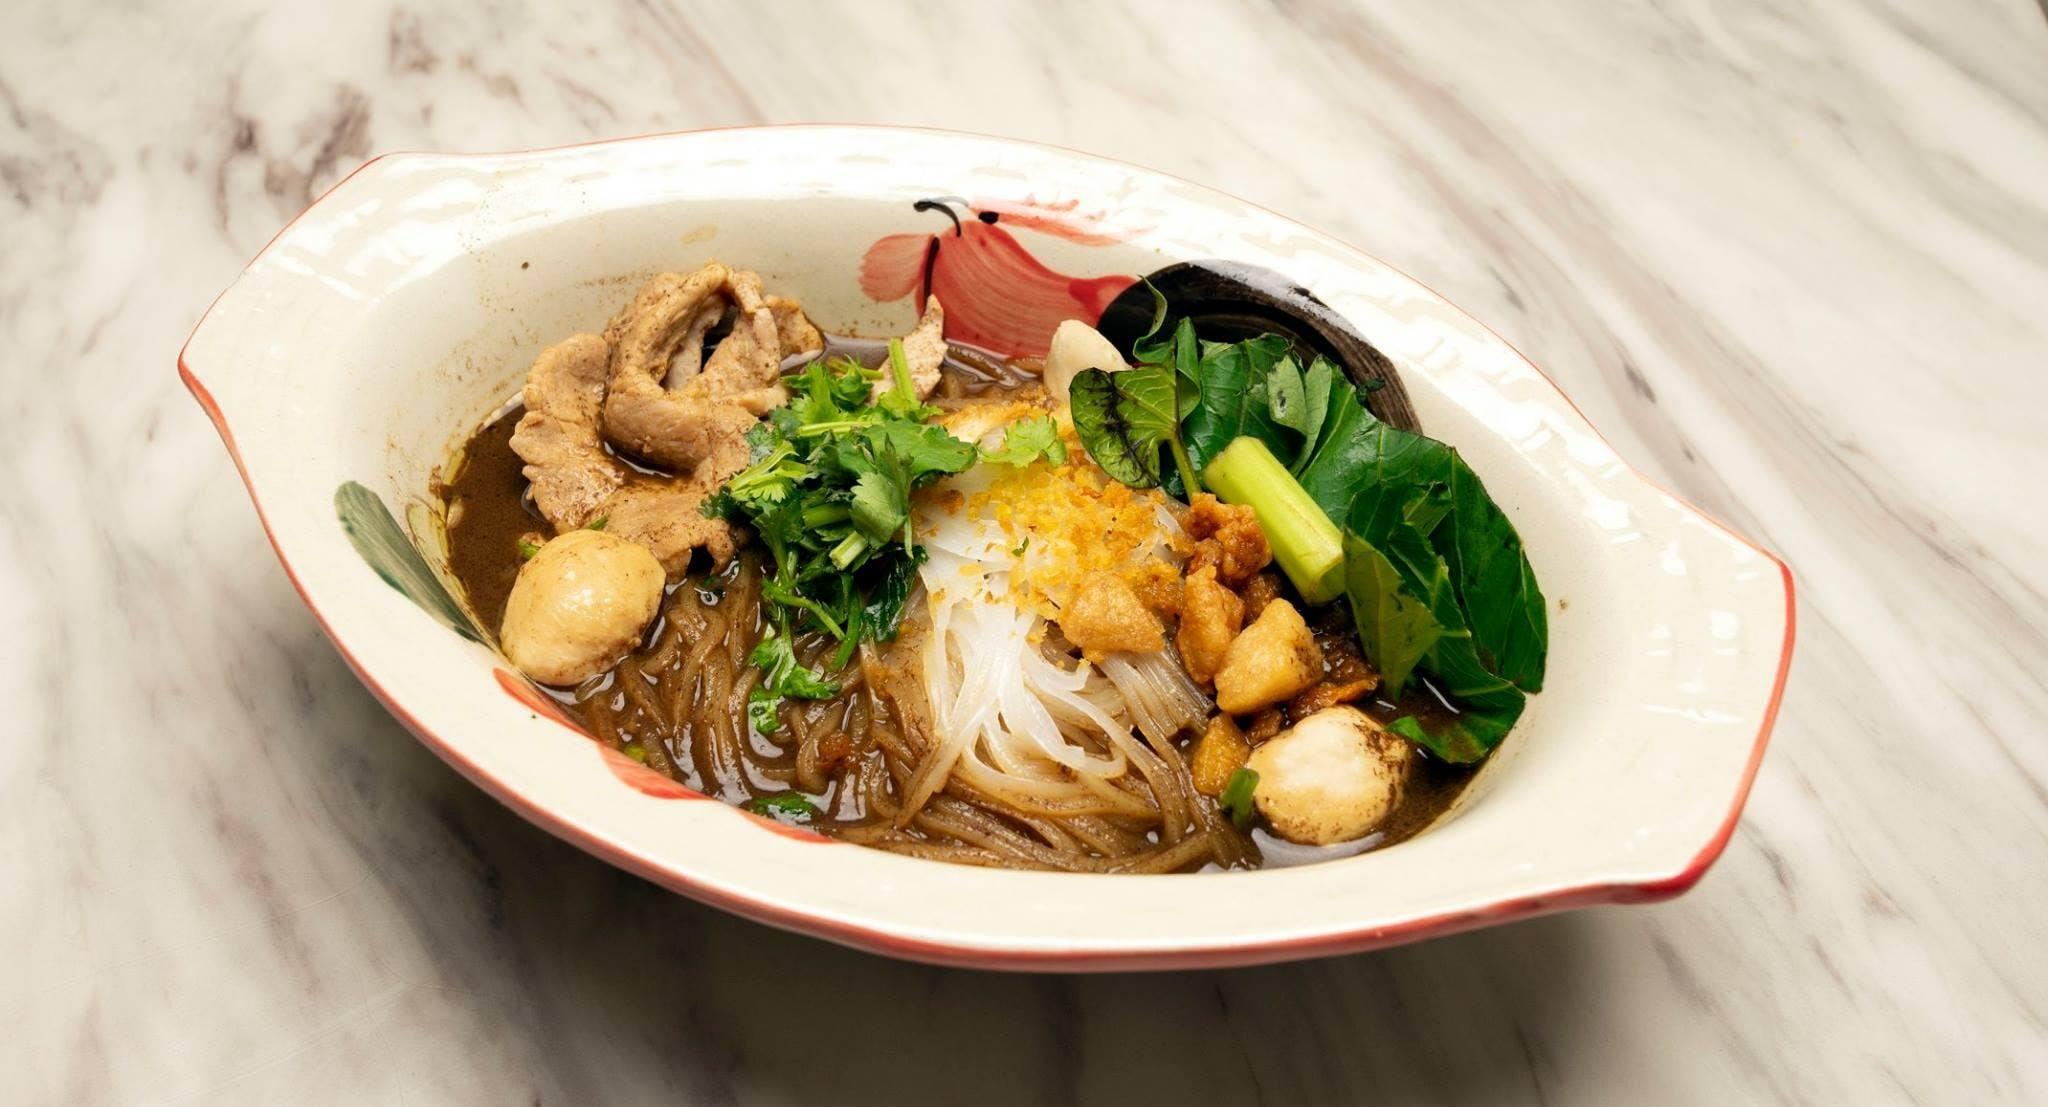 Thai-licious Boat Noodles 泰好吃